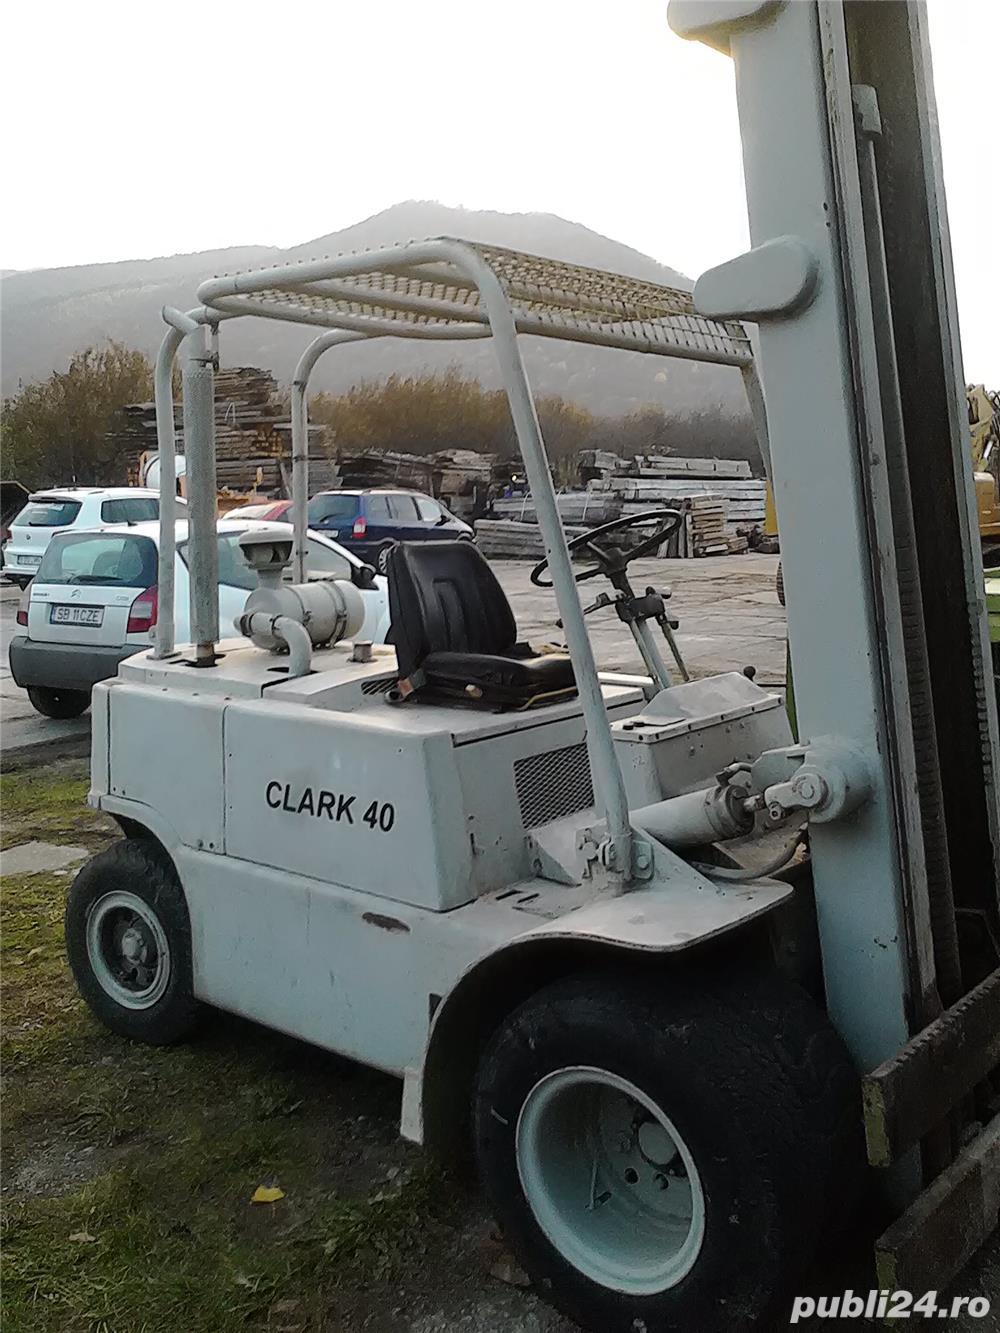 Clark 40